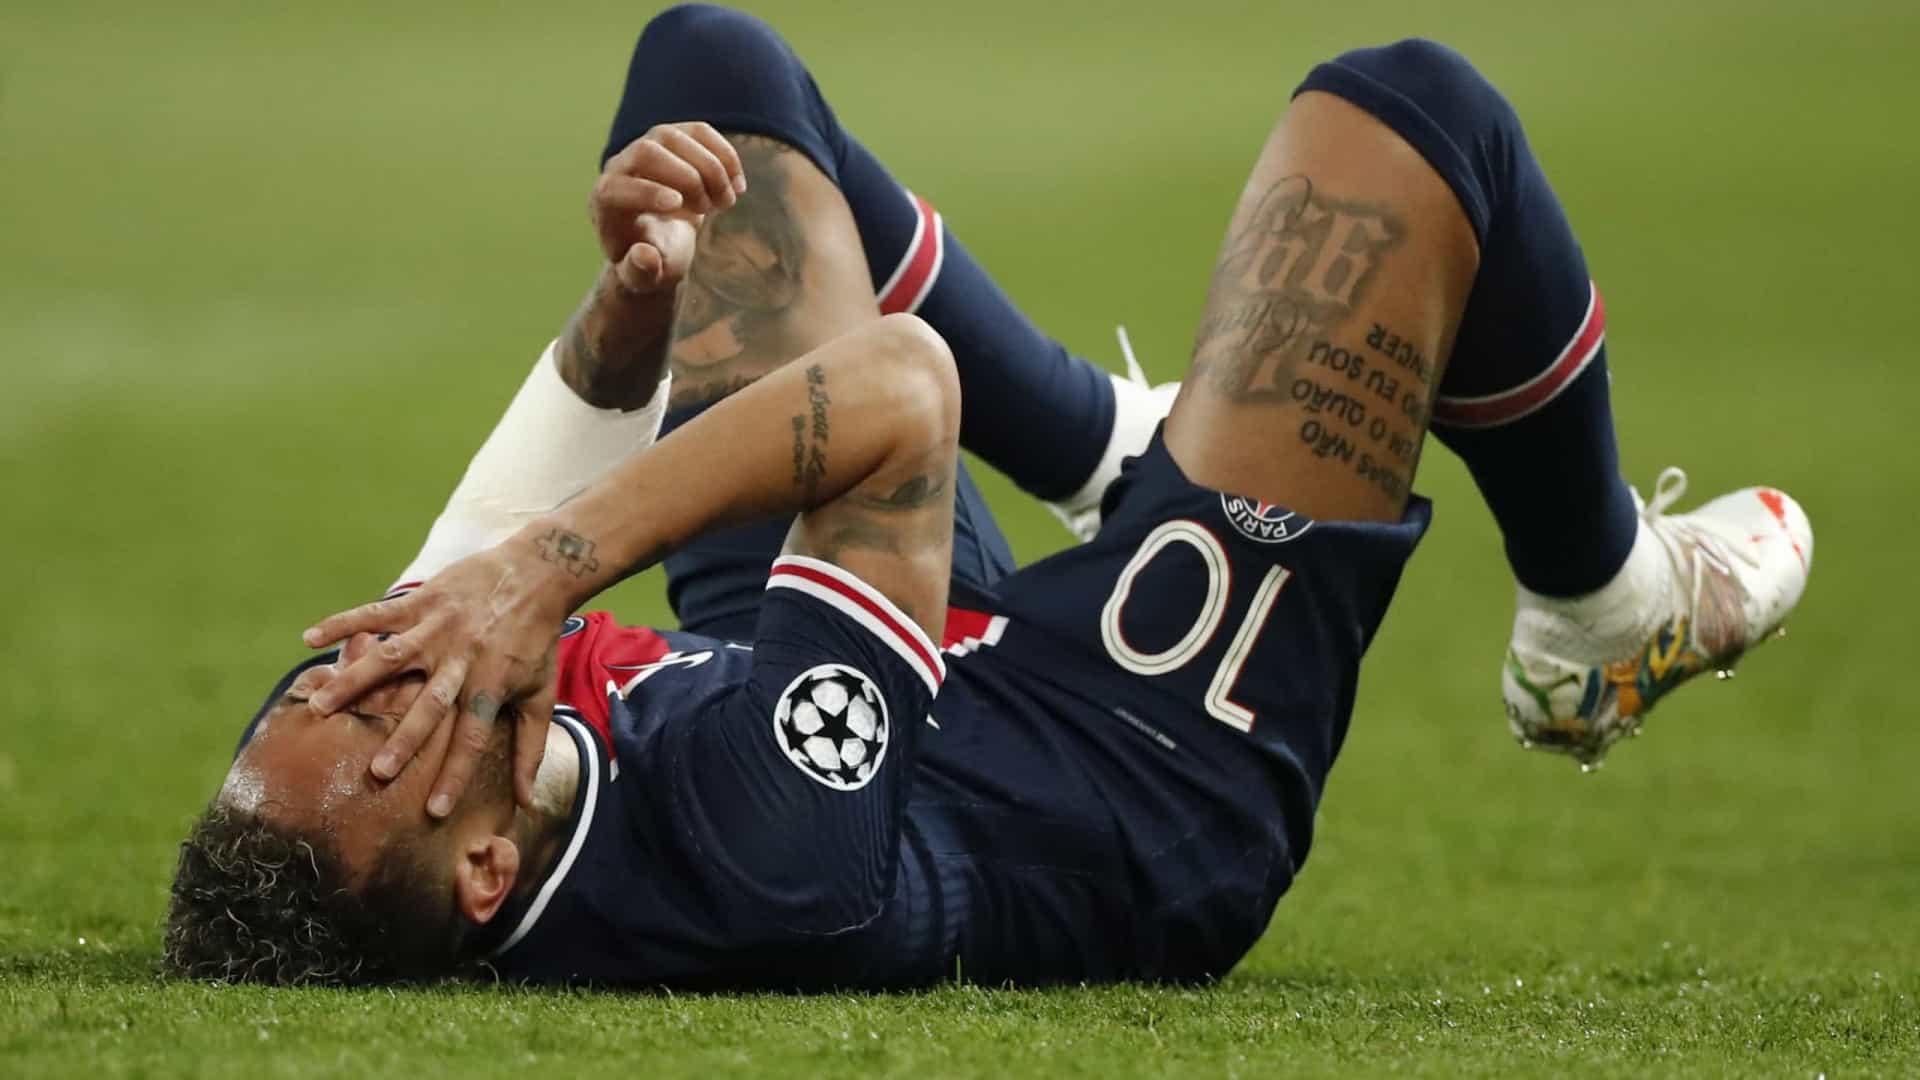 naom 608a81426550e 1 - Leonardo já não vê assim tão clara a continuidade de Neymar no PSG